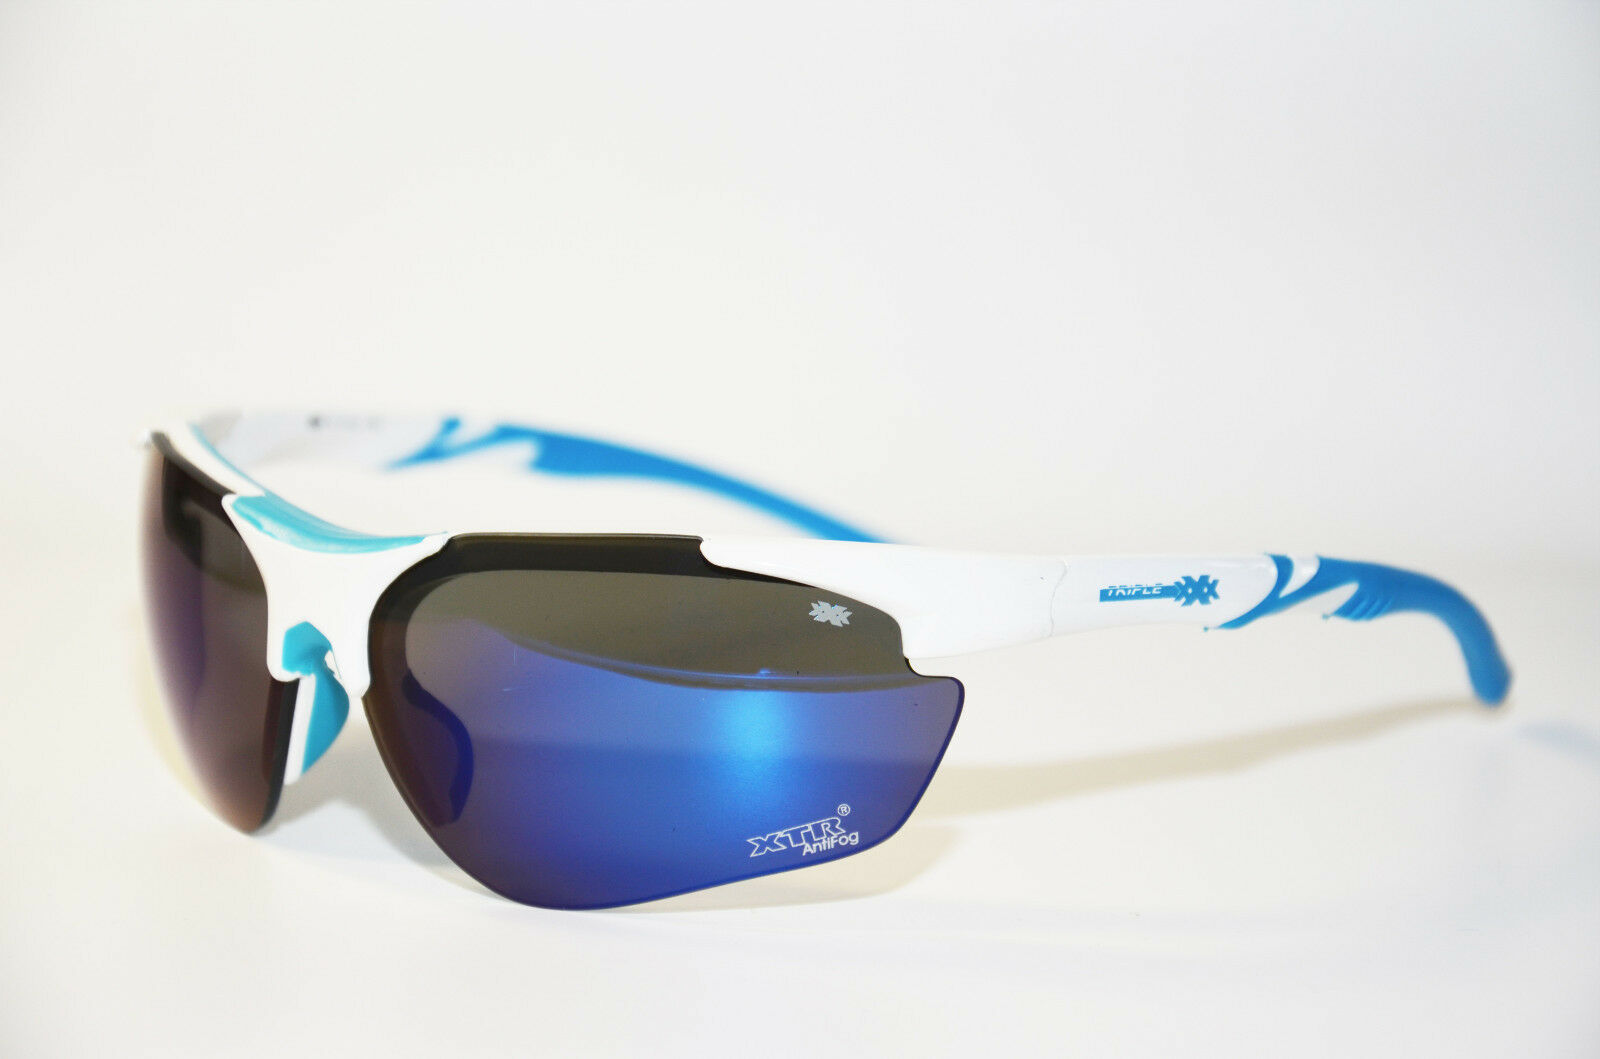 TRIPLE XXX SPORTBRILLE Sonnenbrille Laufbrille Radbrille Cadence C3 vom OPTIKER